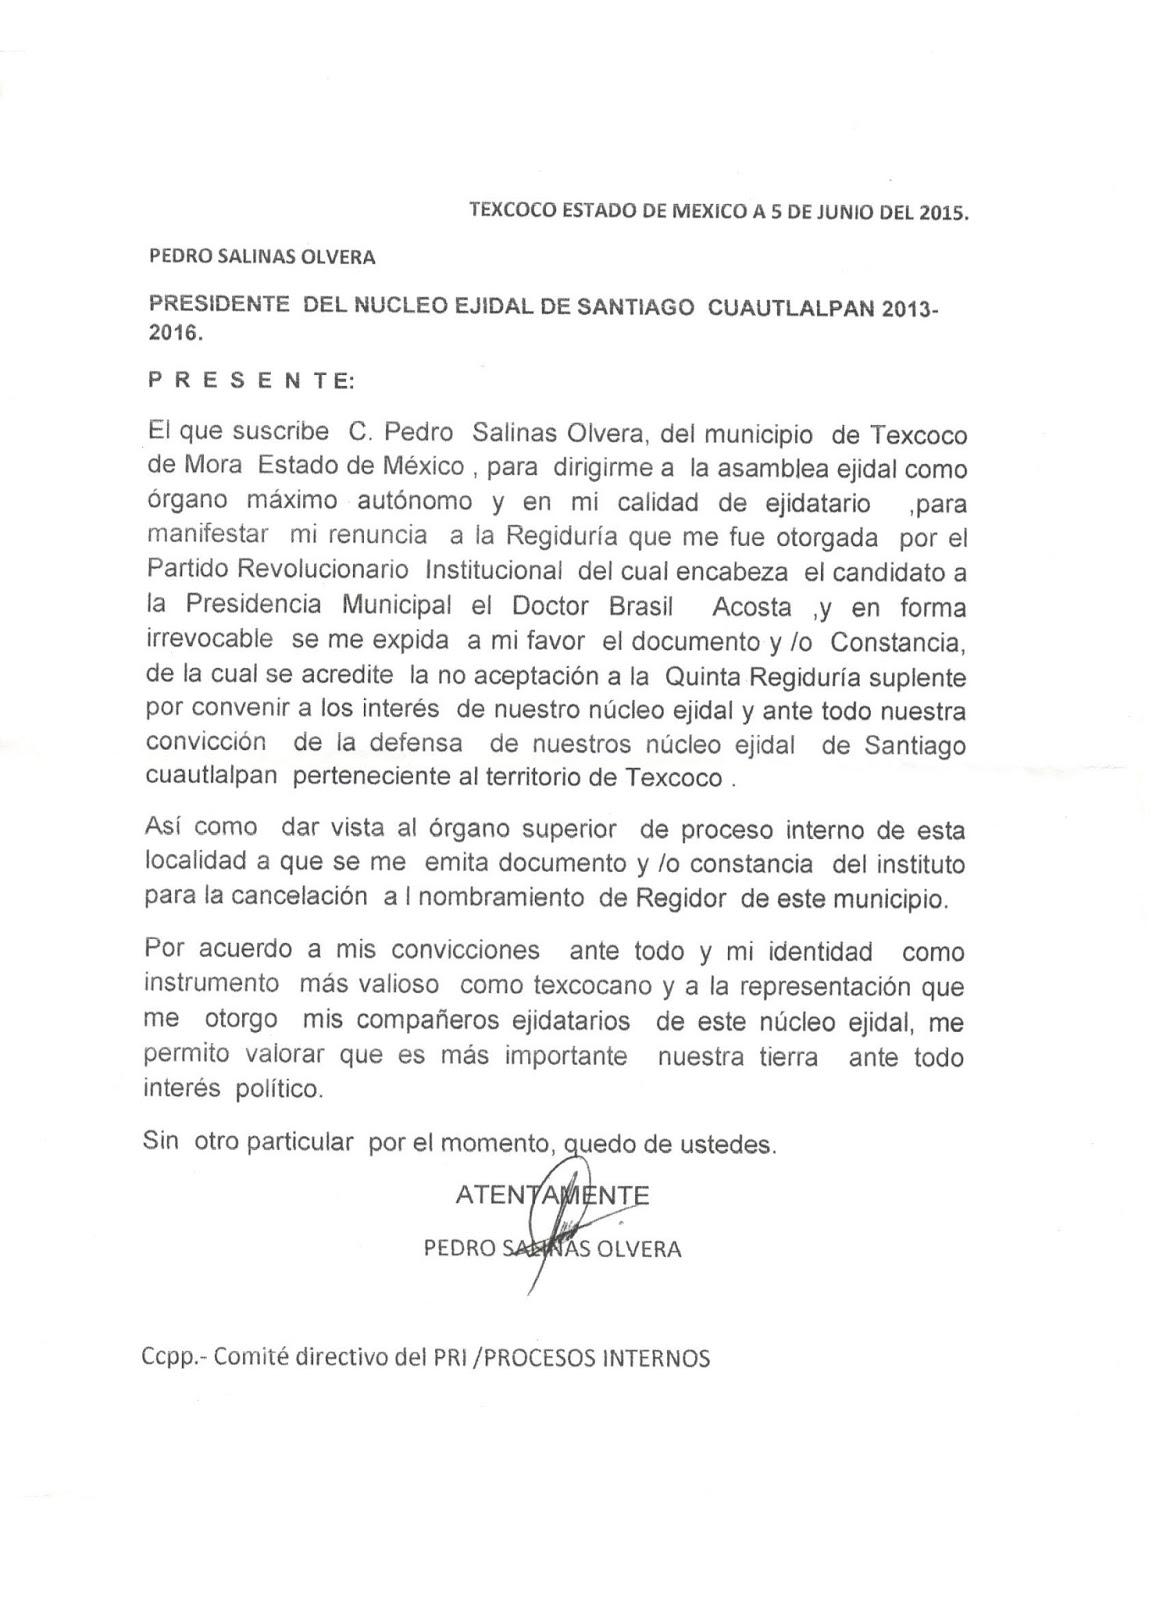 Comisariado Ejidal de Cuautlalpan niega apoyo a Brasil Acosta Peña ...